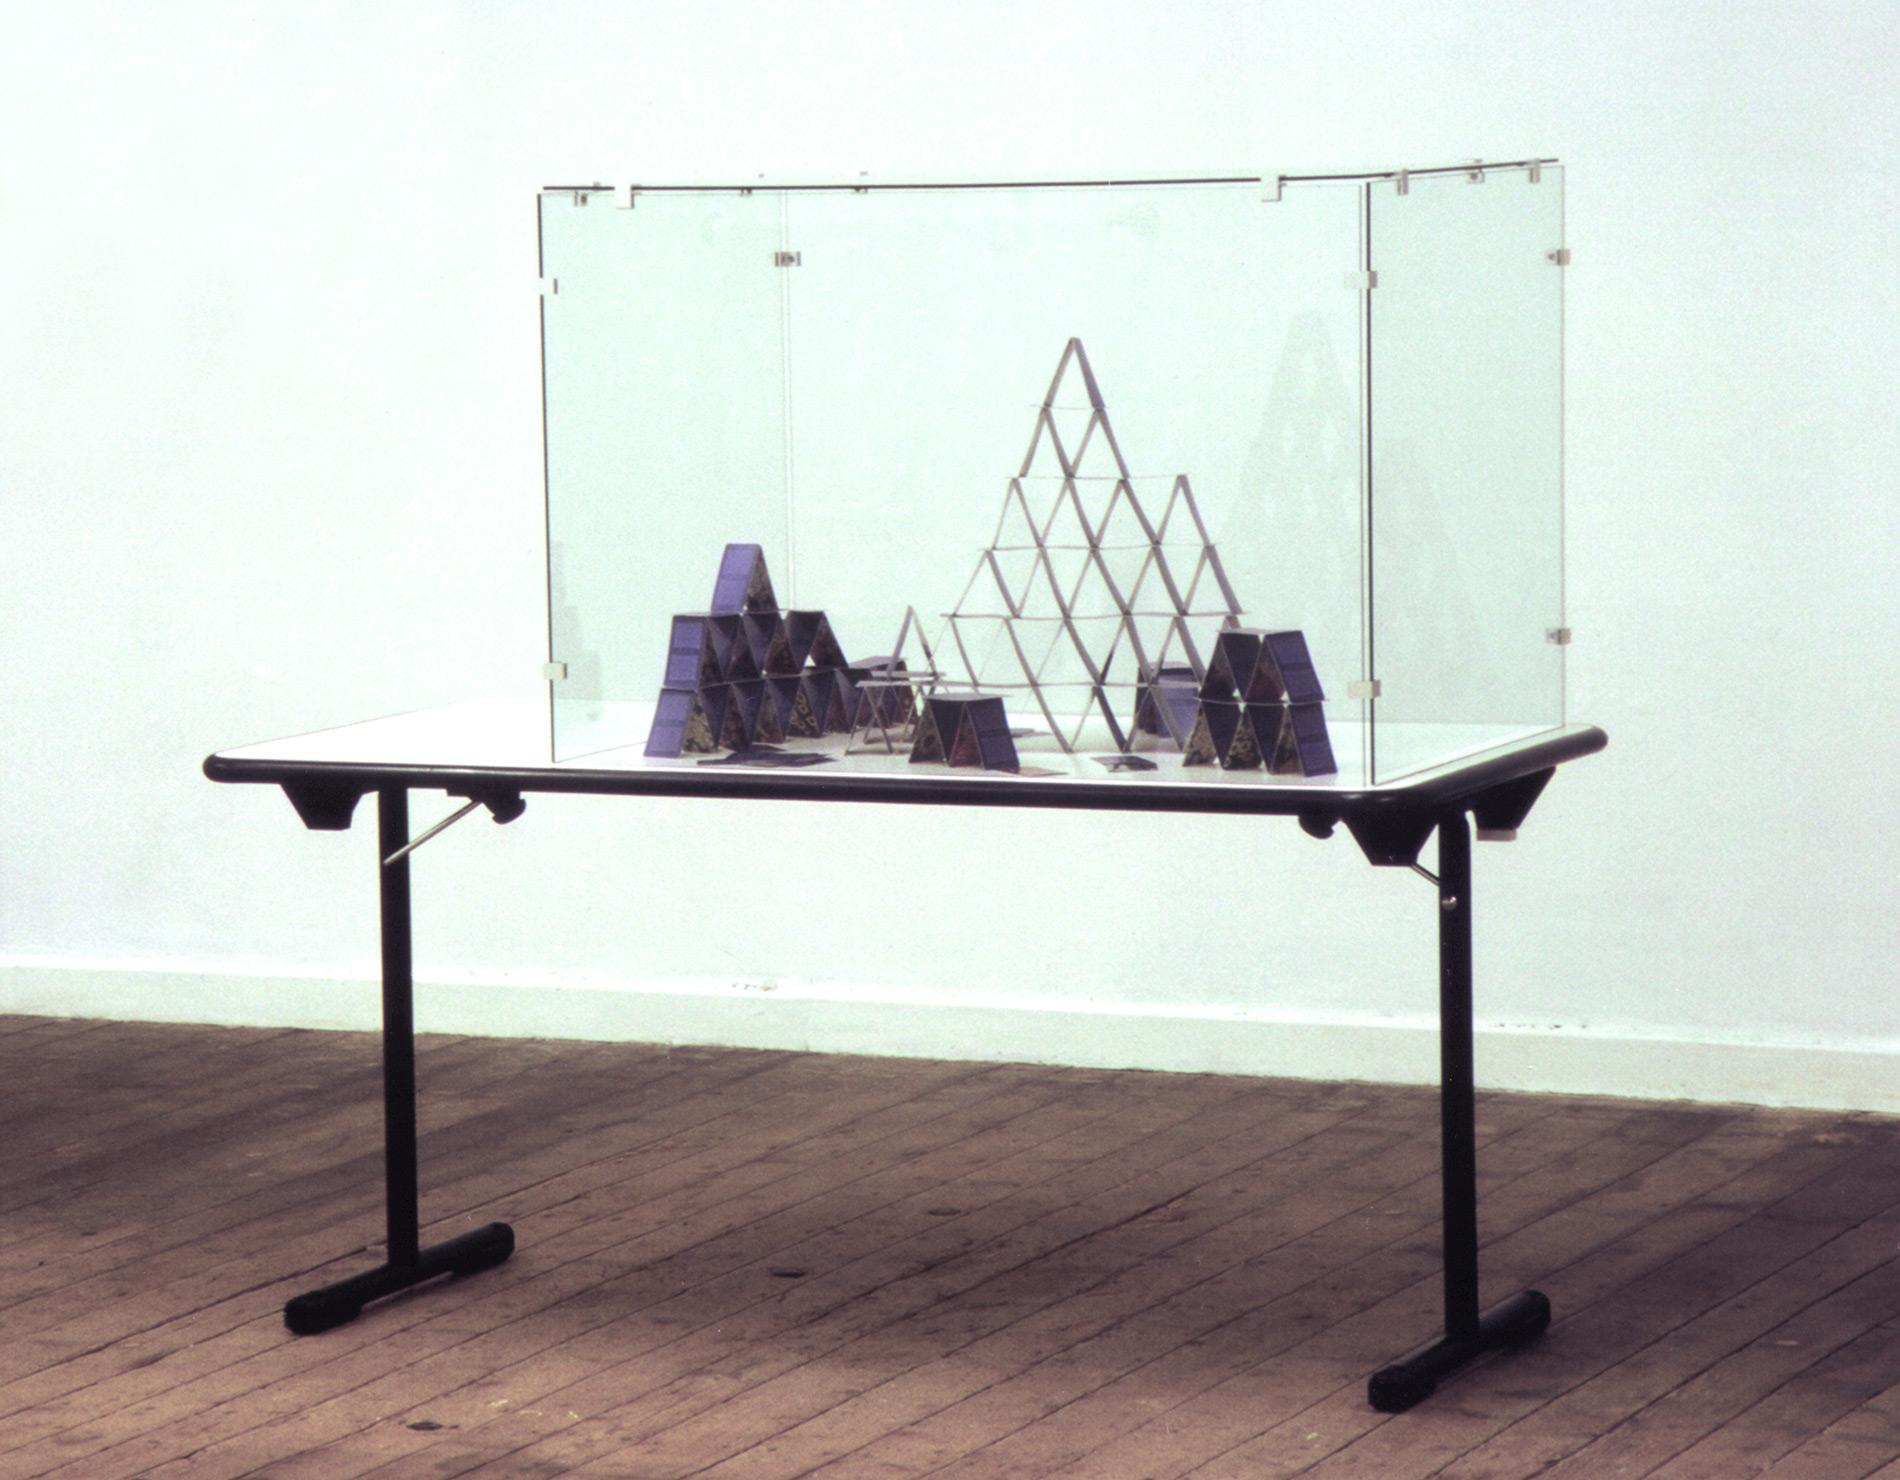 Michael Göbel - Geduldsspiele: Kartenhaus, 2001